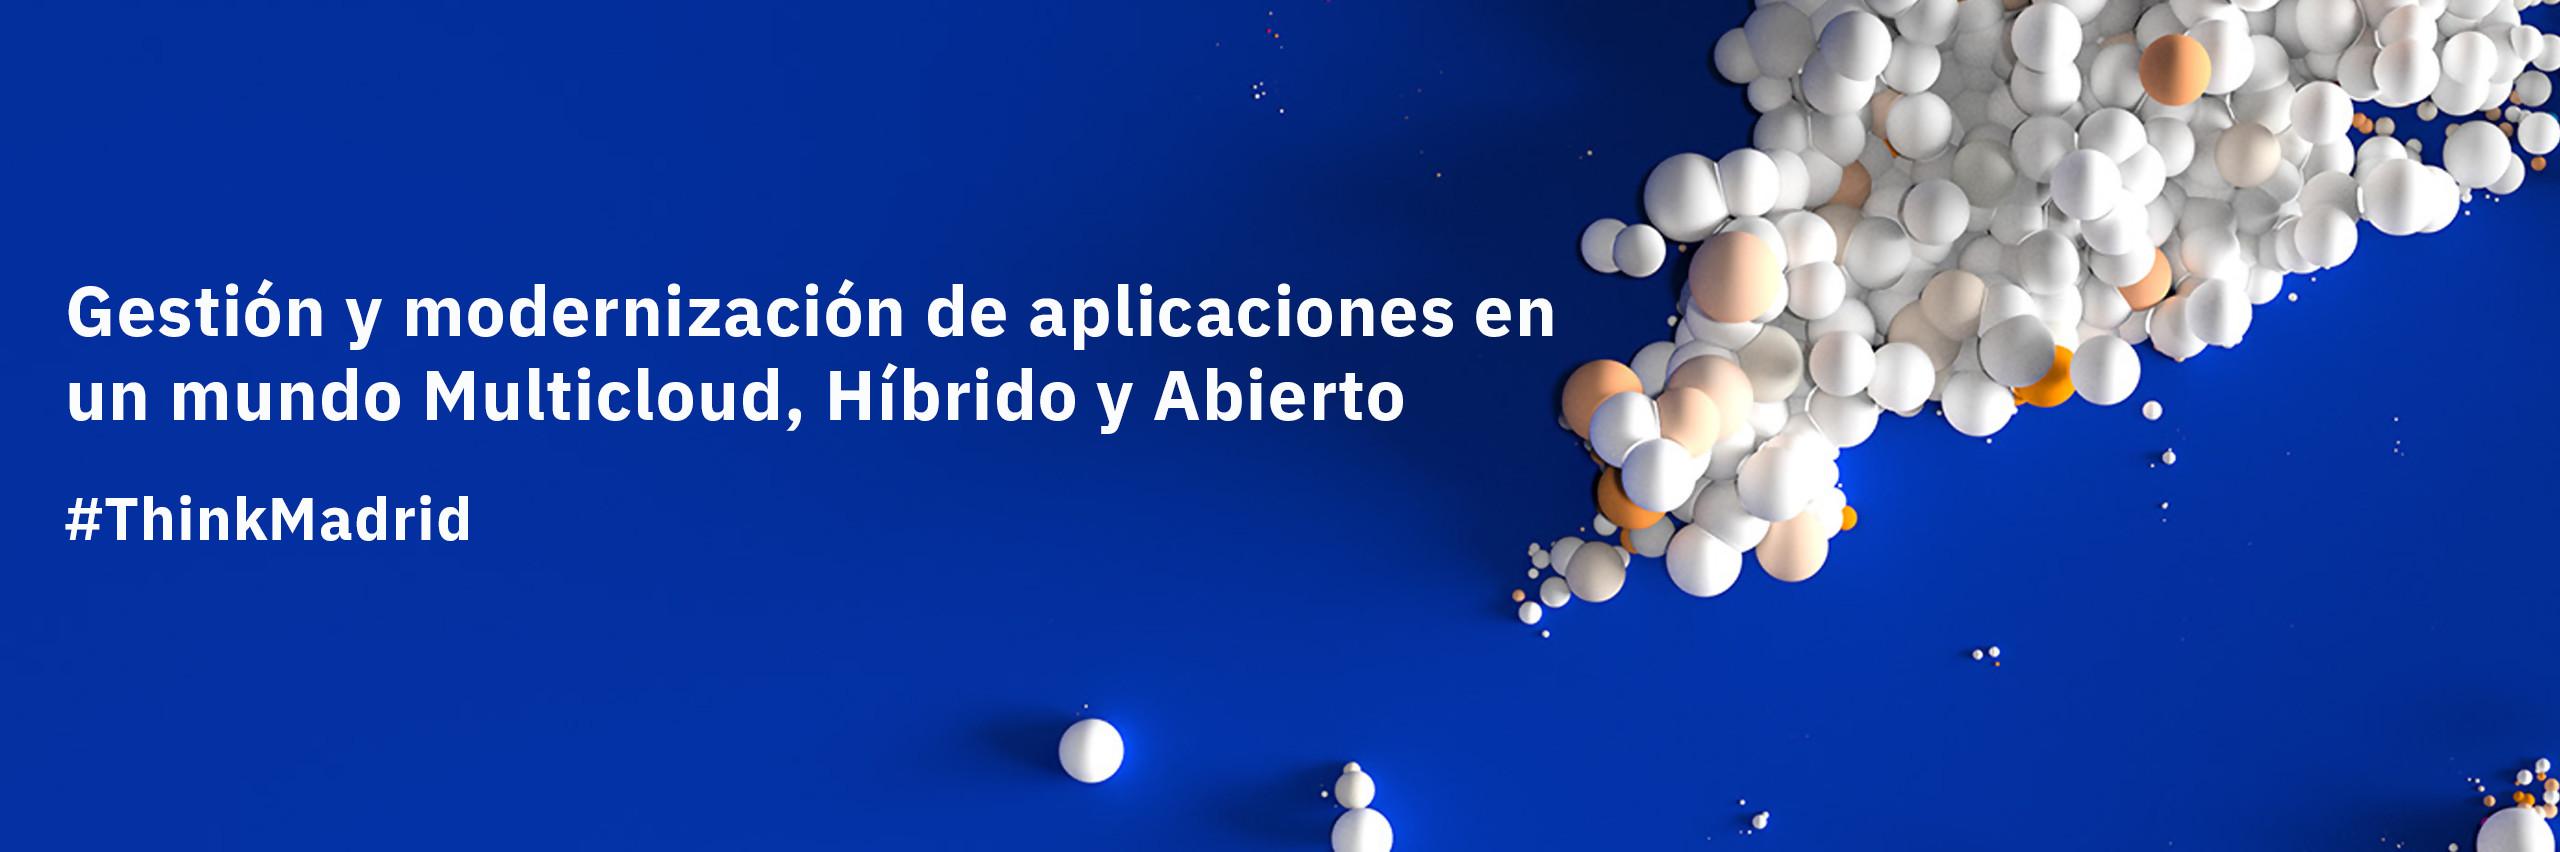 Gestión y modernización de aplicaciones